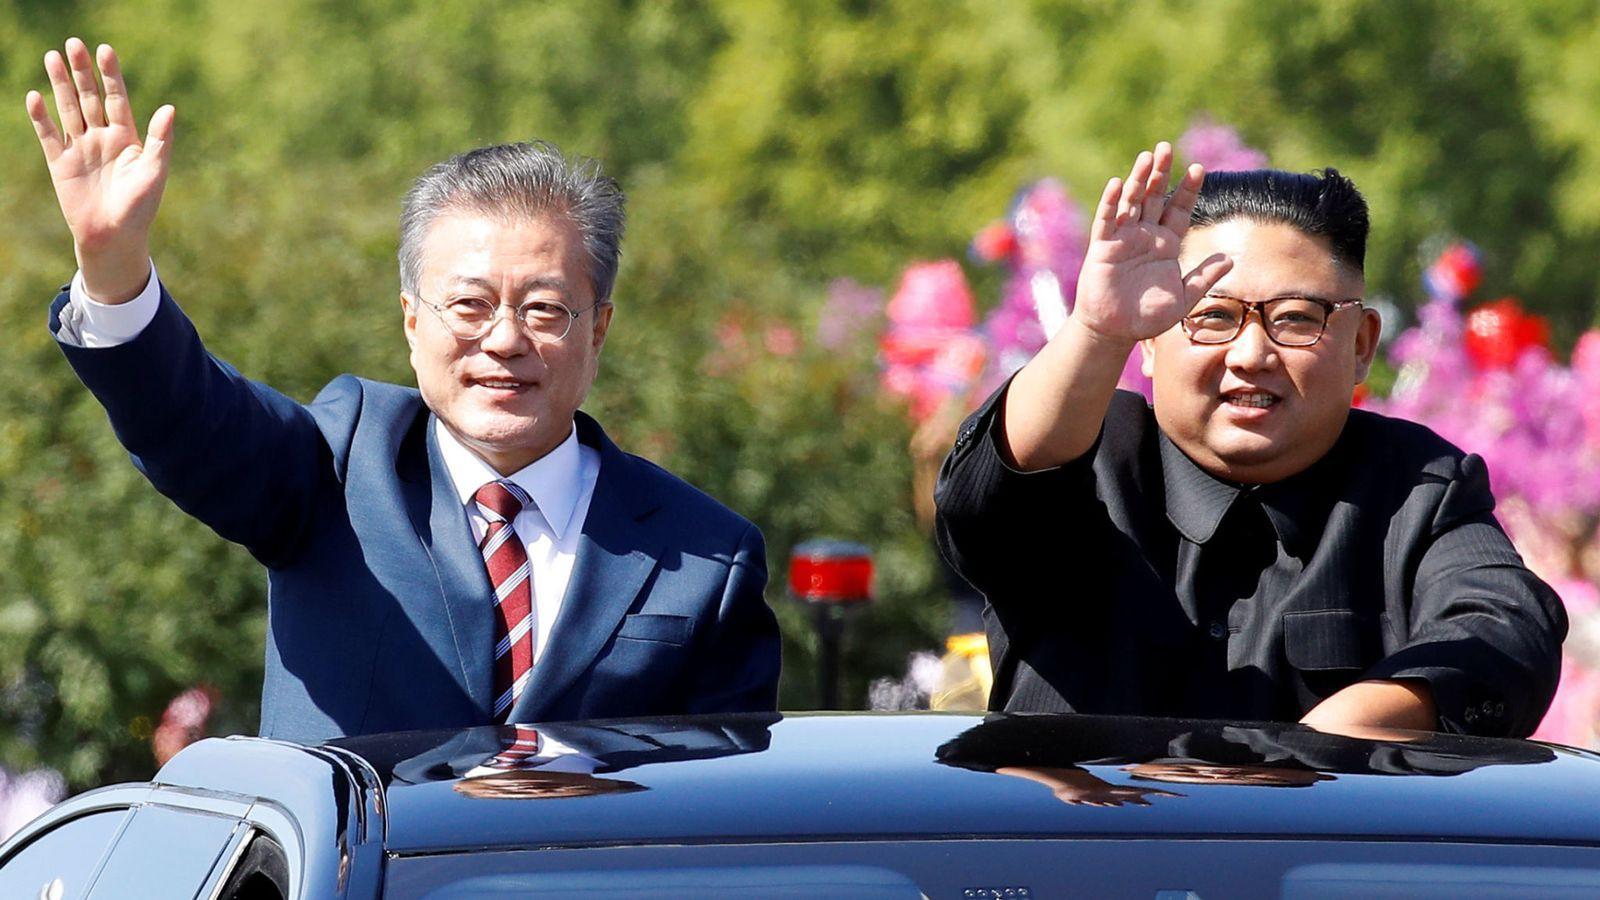 Cố vấn đặc biệt của Tổng thống Hàn Quốc: Triều Tiên không ngang ngược, nhà lãnh đạo Kim Jong Un không điên rồ, bốc đồng - Ảnh 5.